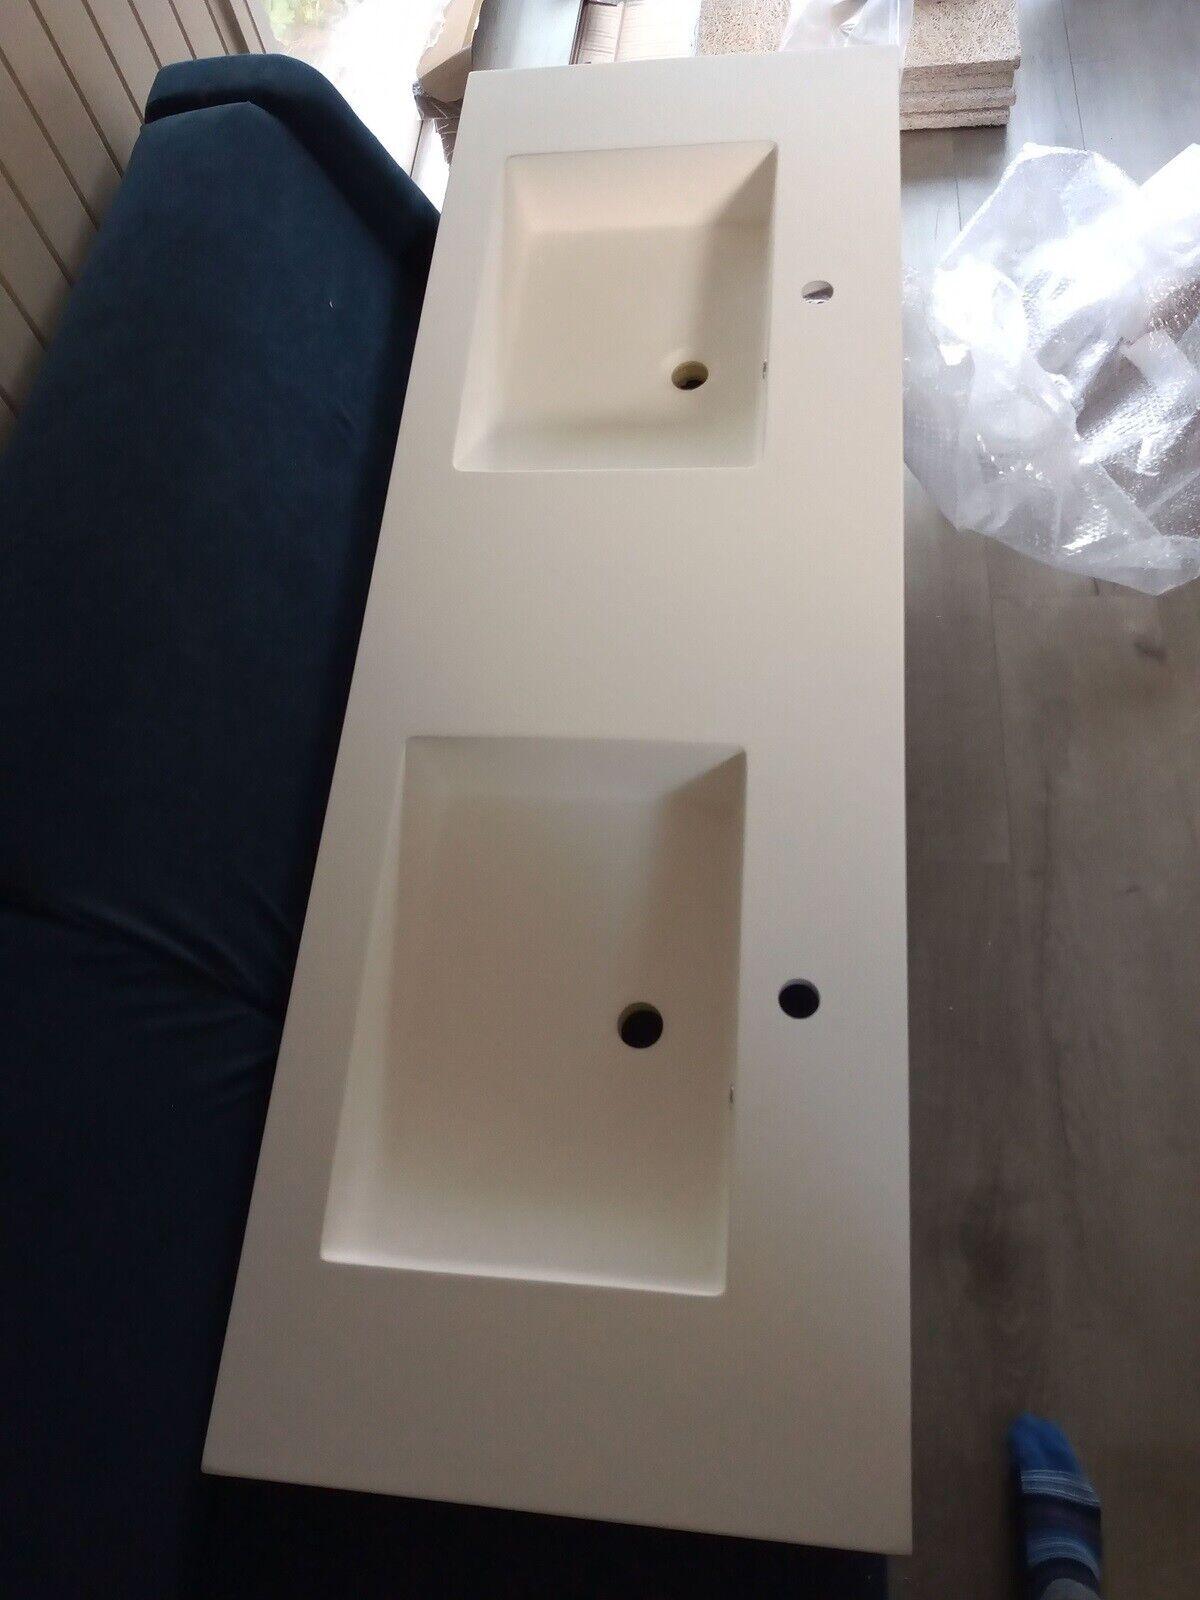 Dobbelt Handvask I Stobemarmor Ndash Dba Dk Ndash Kob Og Salg Af Nyt Og Brugt